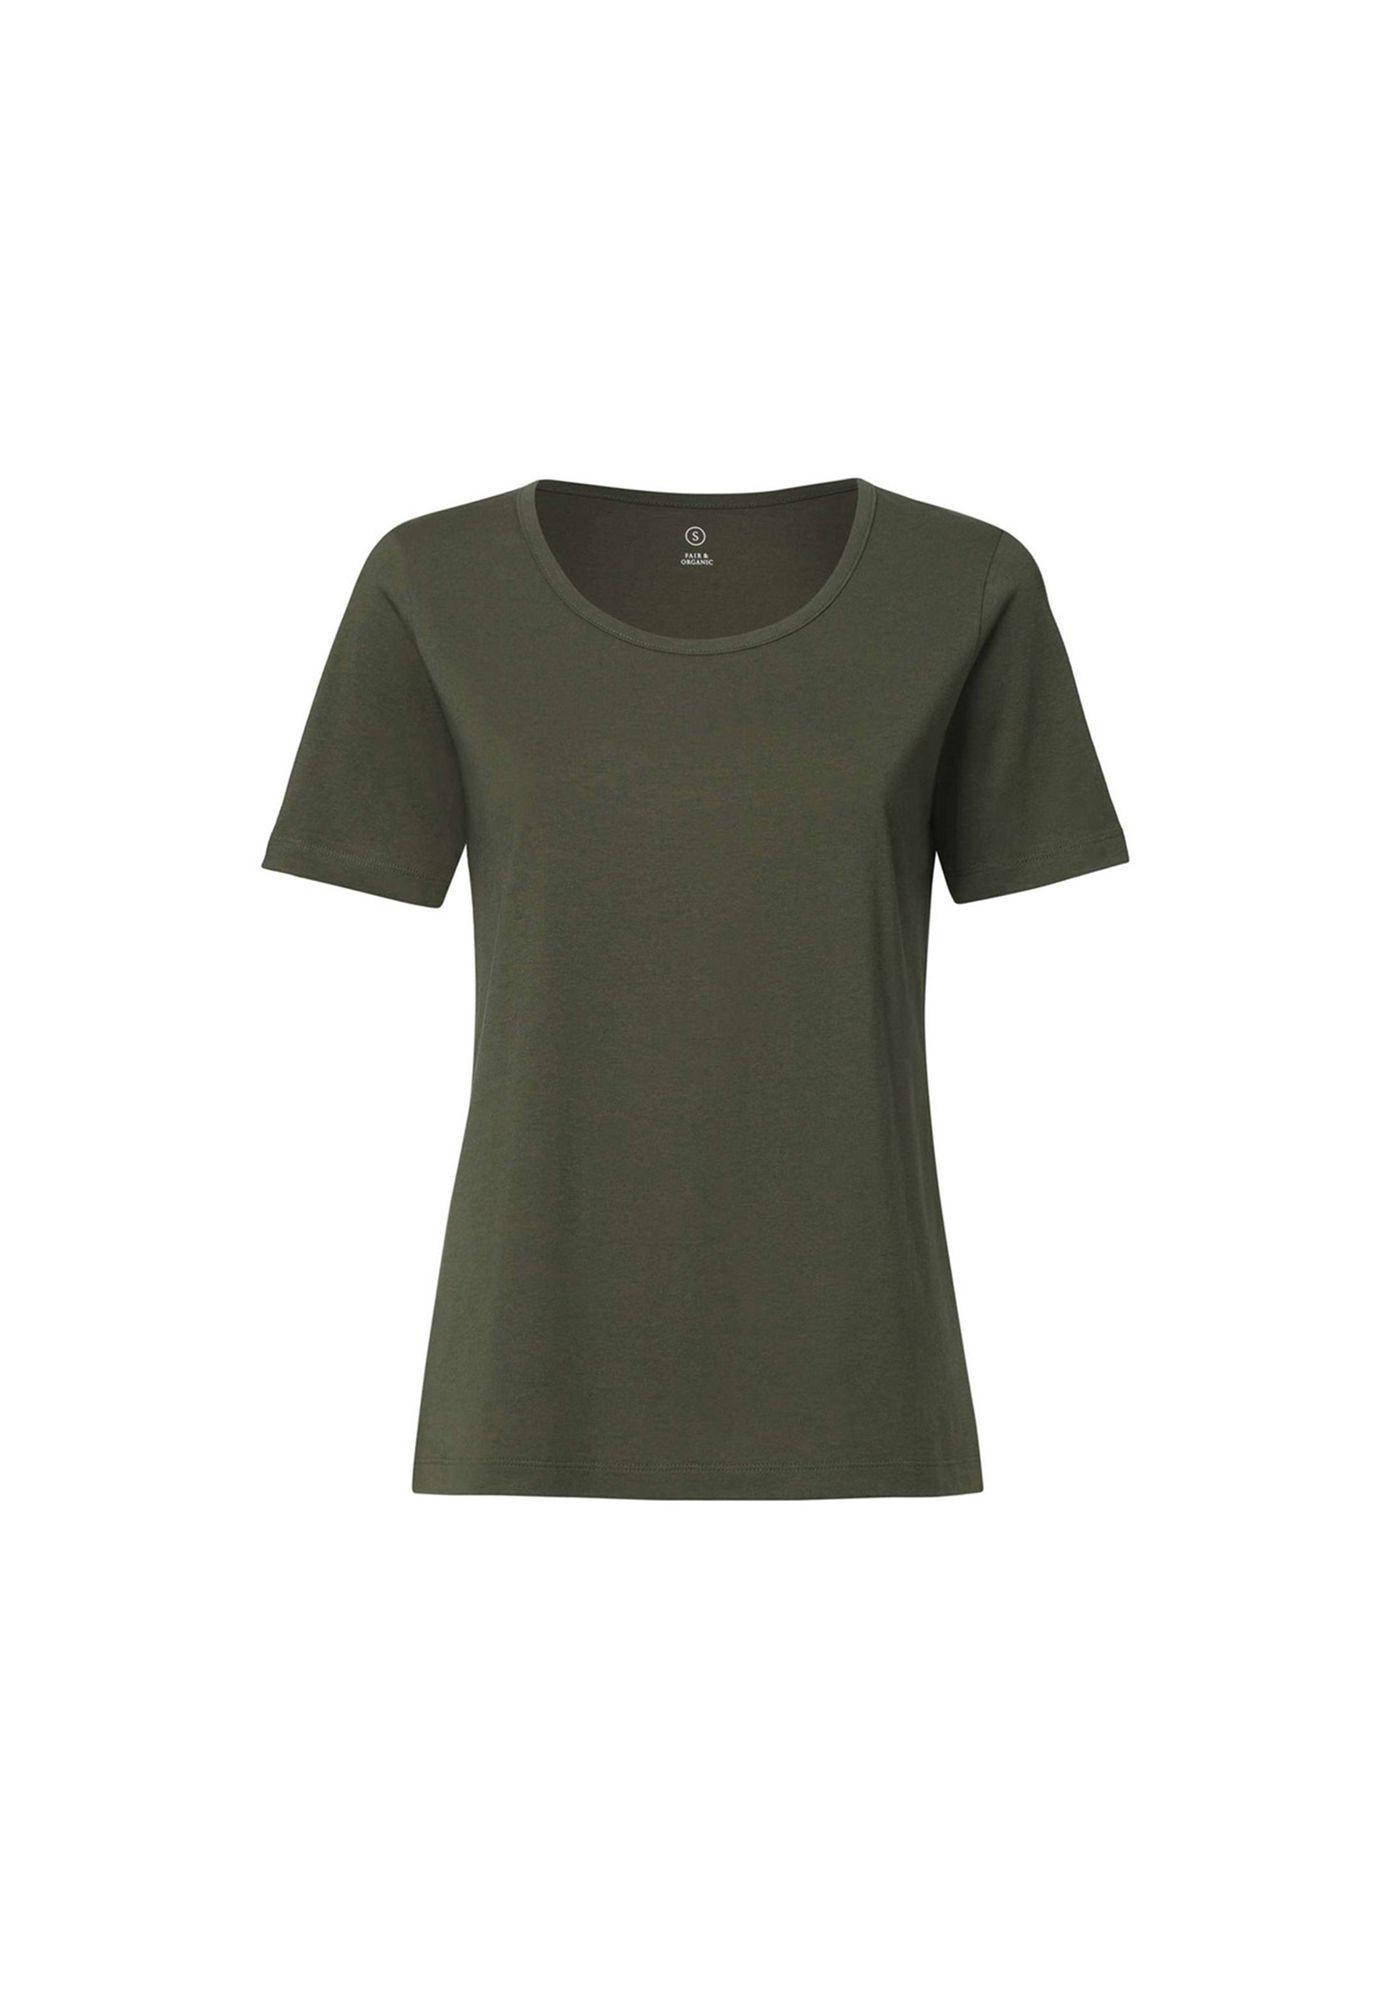 BTD64 T-Shirt Moss